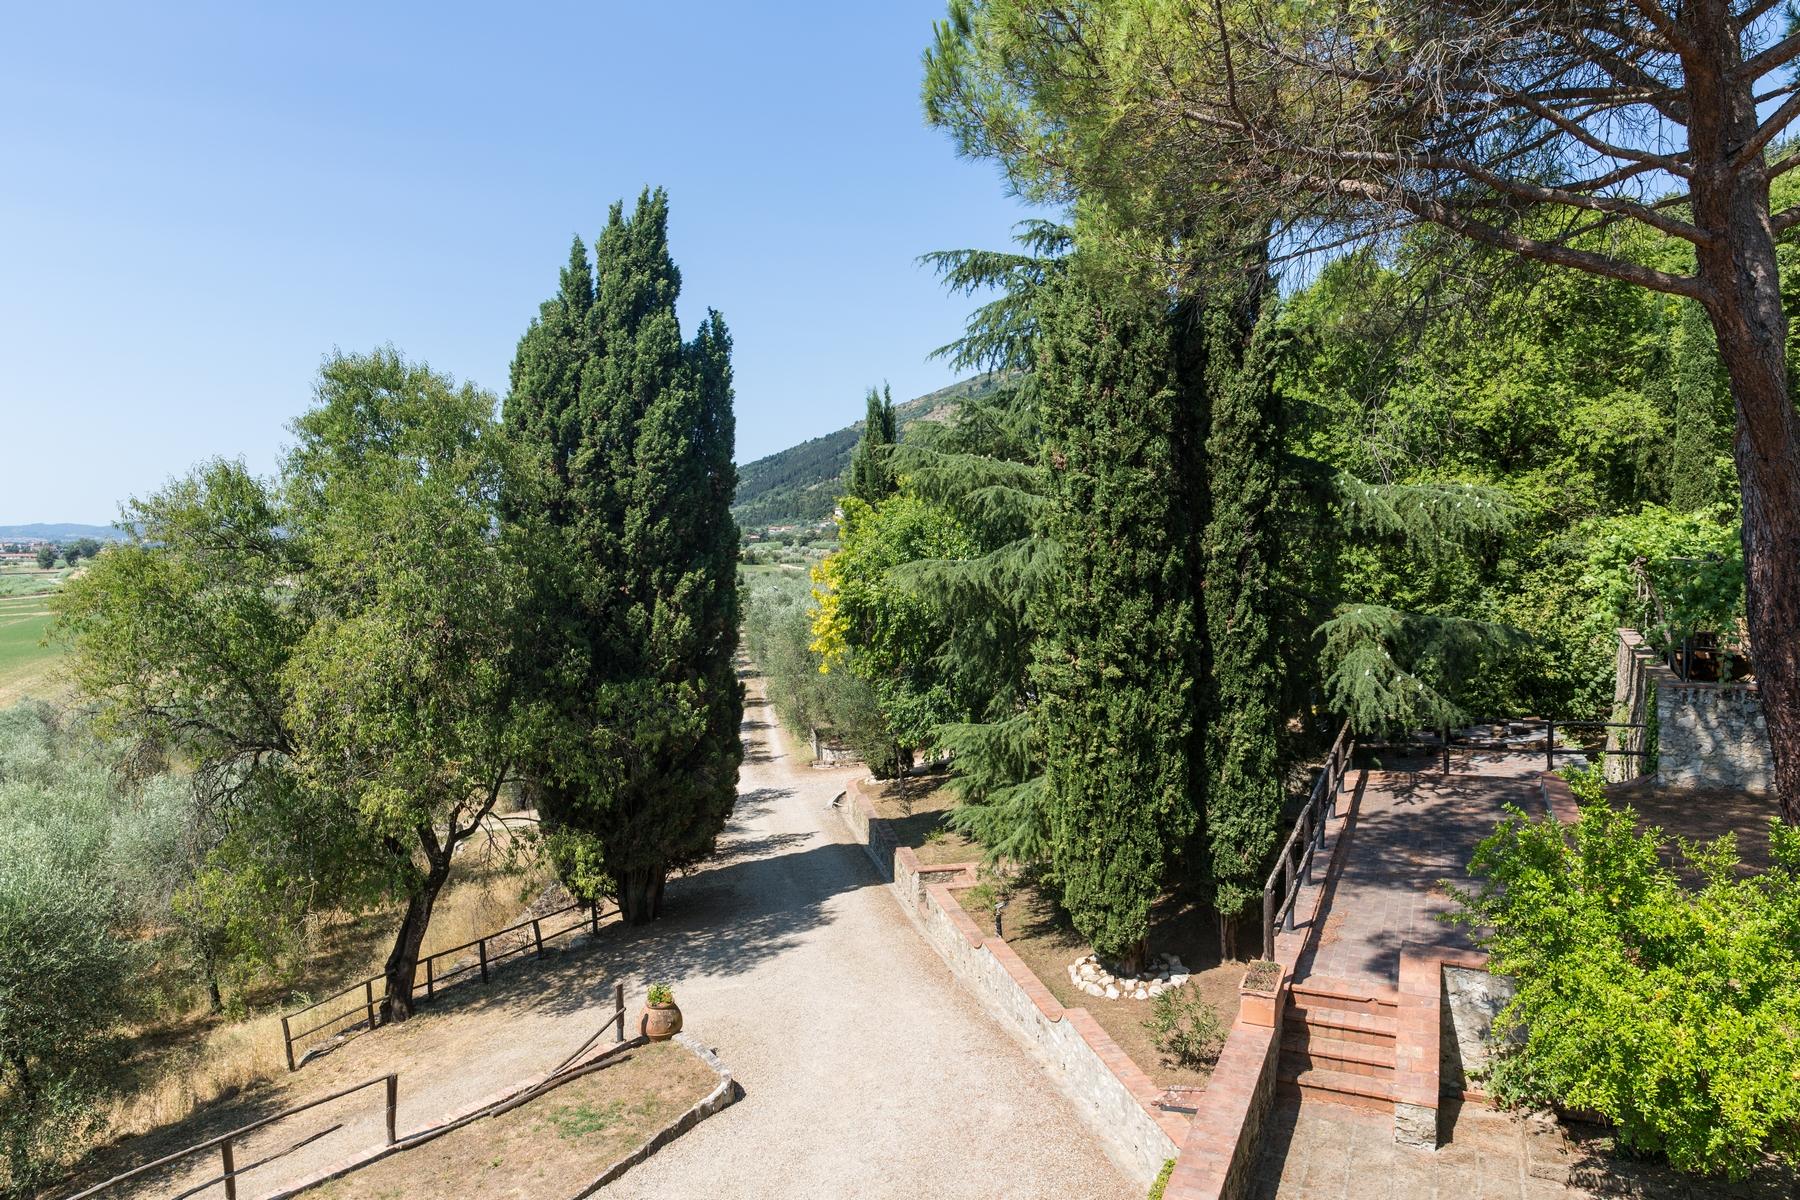 Rustico in Vendita a Calenzano: 5 locali, 800 mq - Foto 2